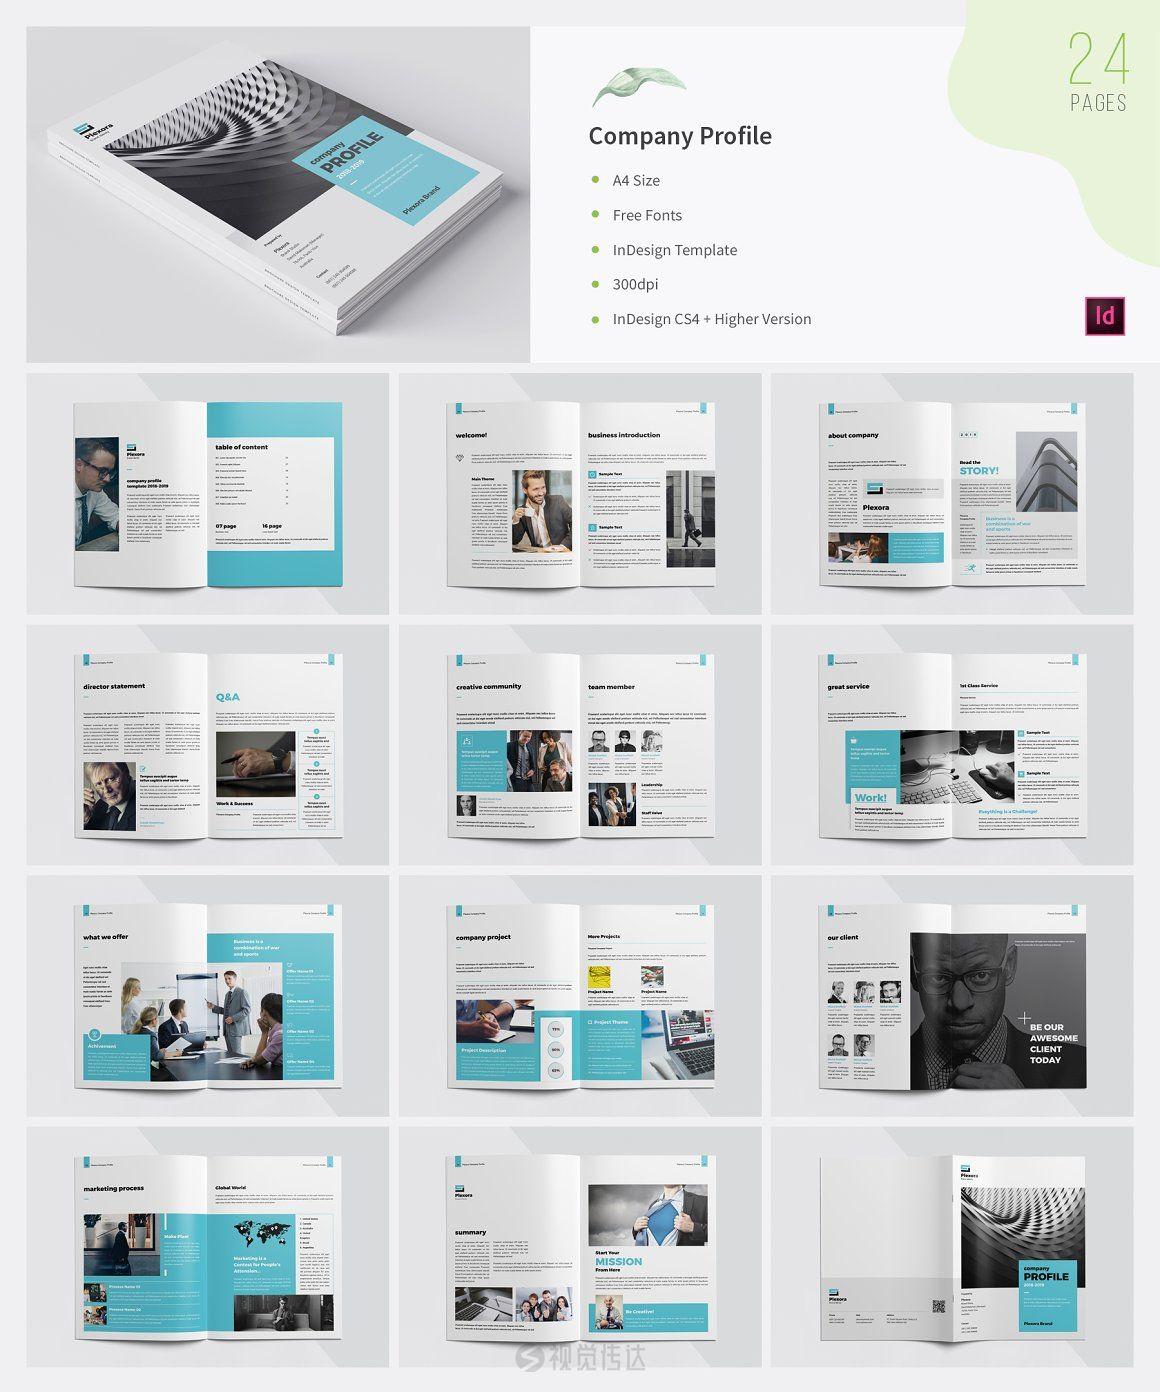 90+平面画册名片传单模板合集